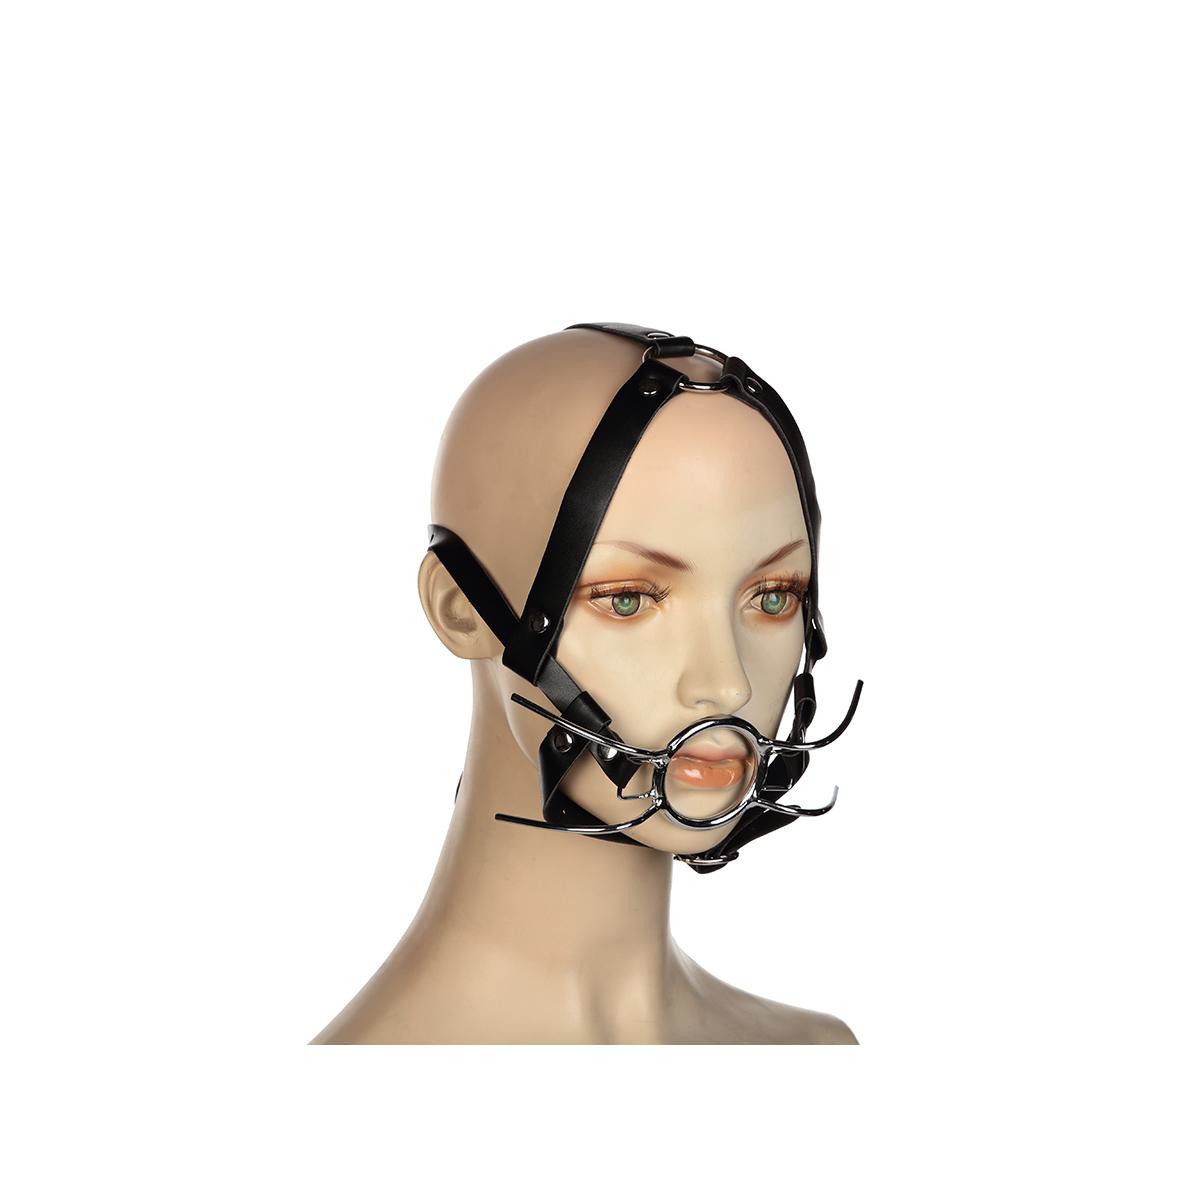 Кляп-расширитель с кольцом и бондажем на голову